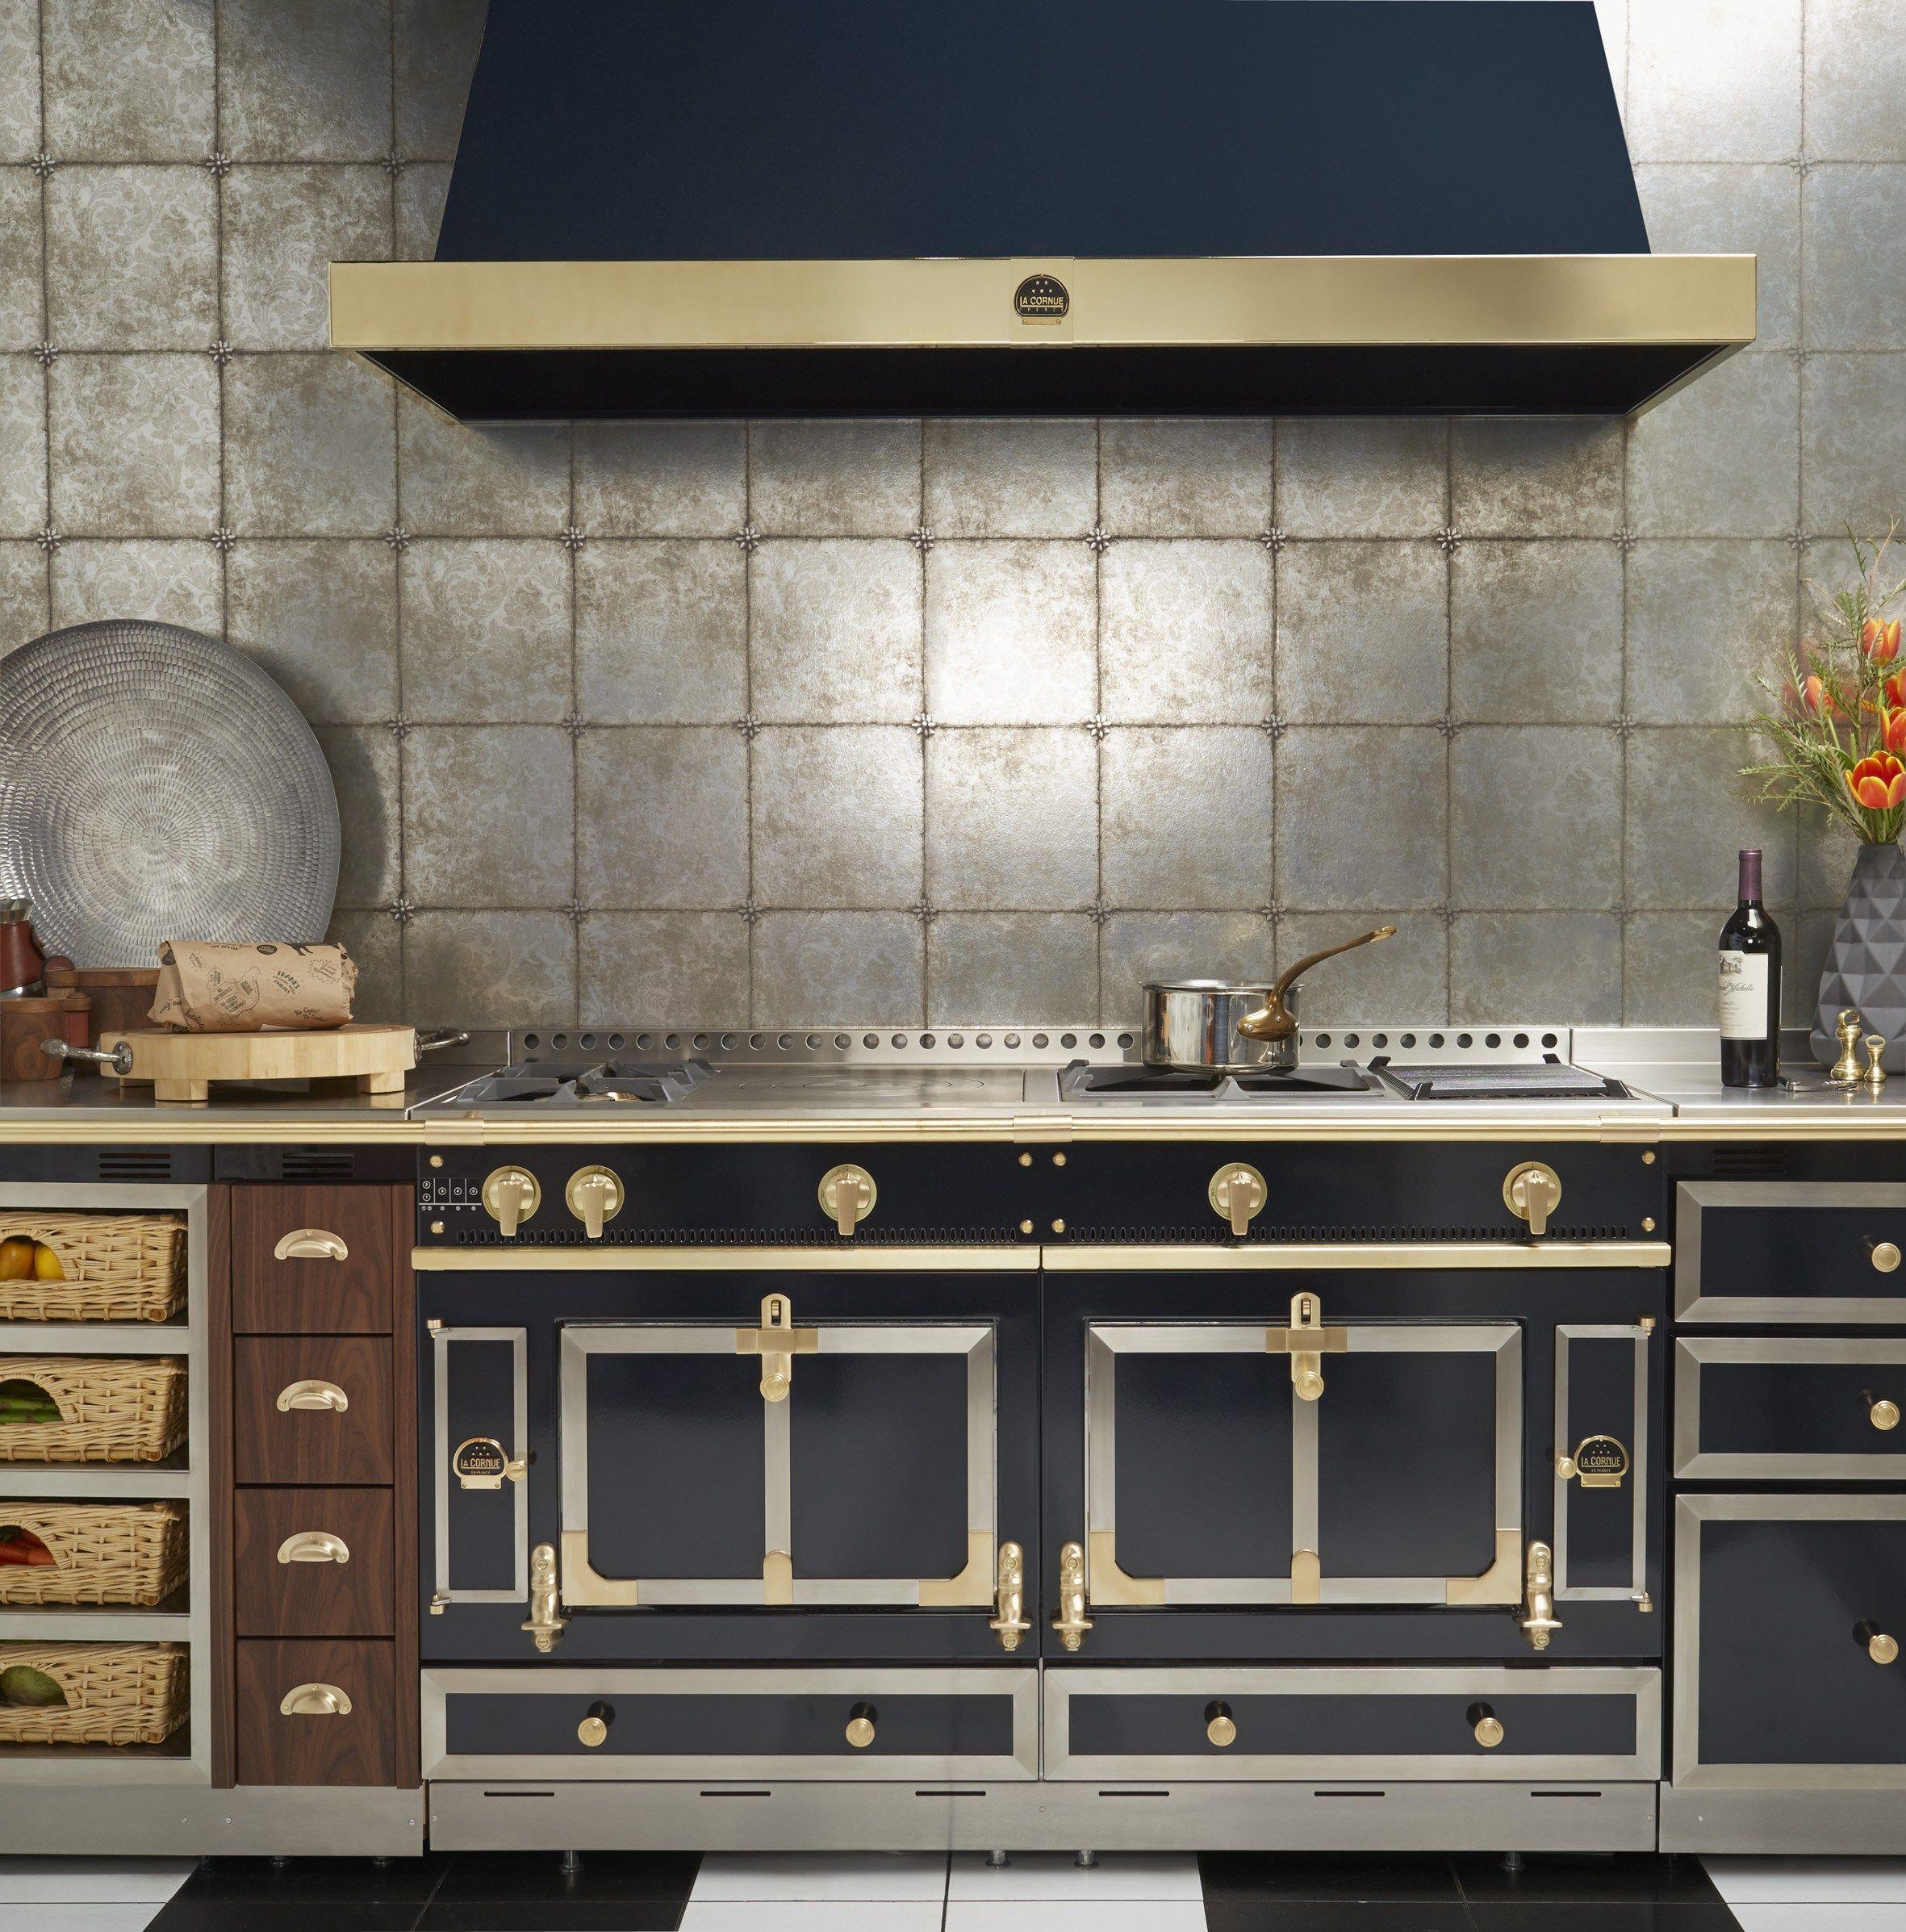 Cucina a libera installazione in acciaio inox ch teau 165 for Cucina libera installazione